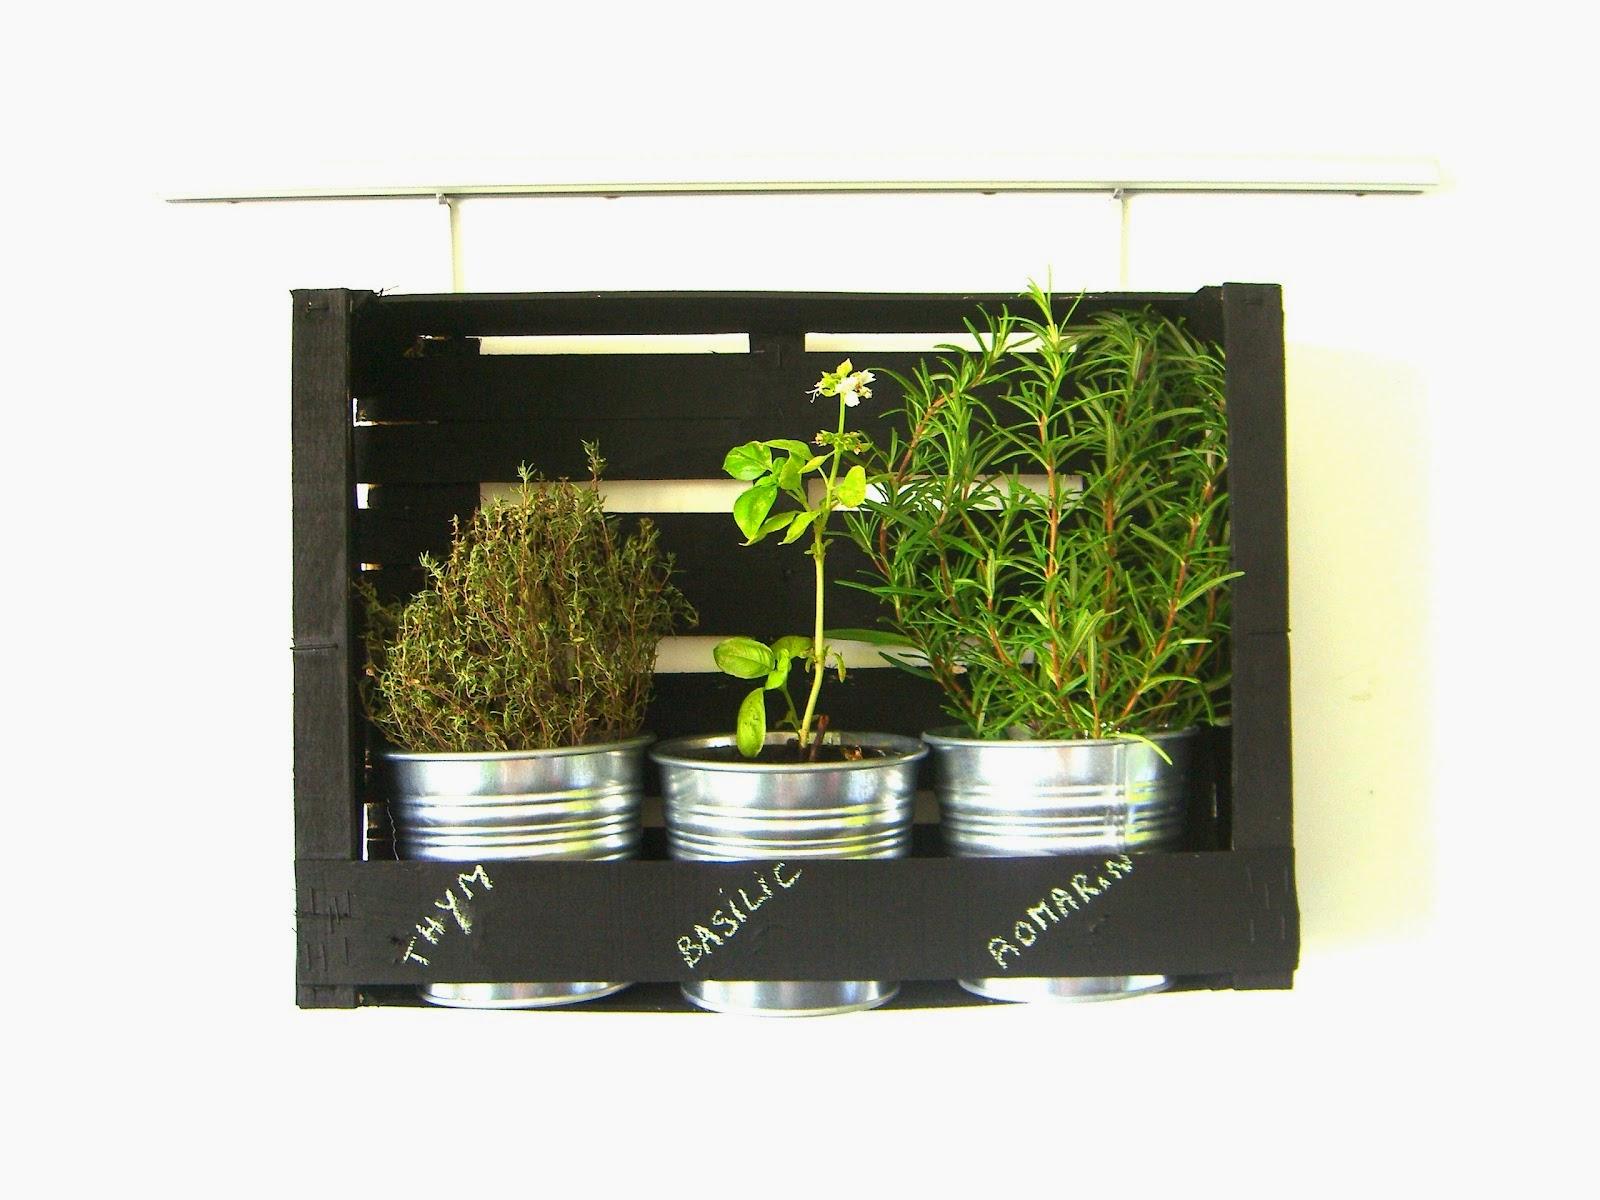 Decoration cuisine plantes aromatiques - Herbes aromatiques cuisine ...